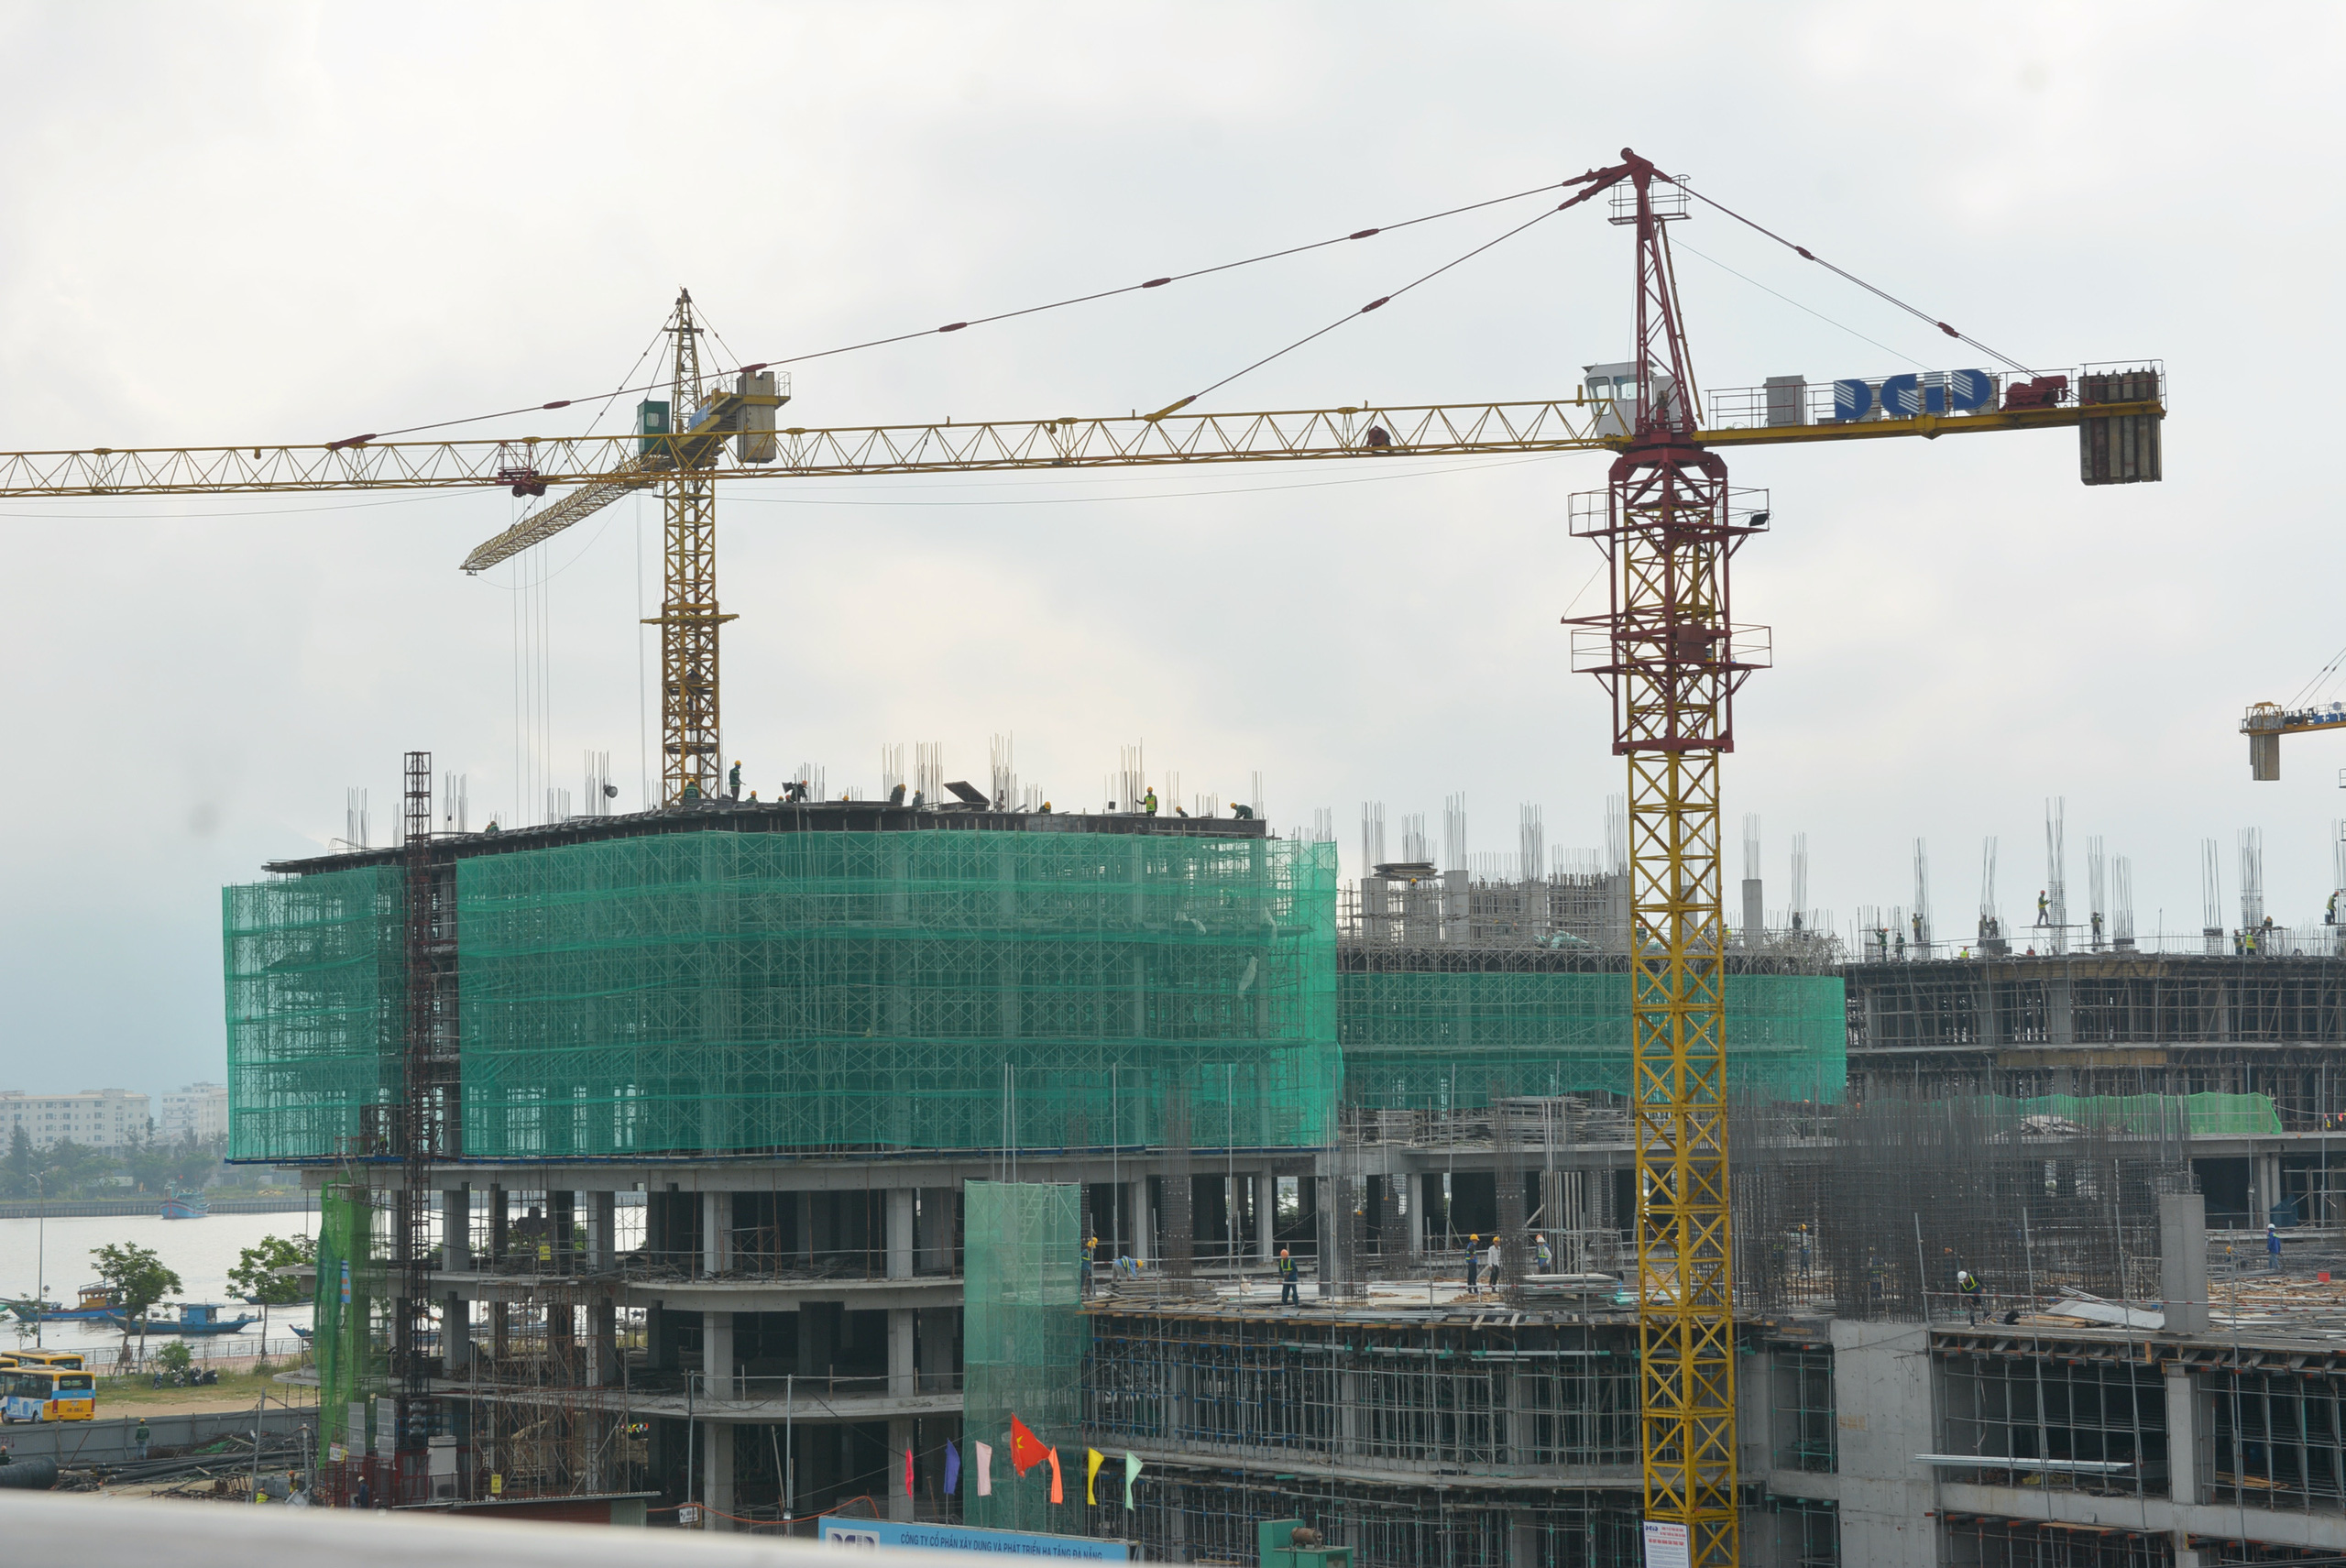 Dự án Khu công viên phần mềm số 2 hơn 700 tỷ đồng Đà Nẵng thành hình sau 5 tháng thi công - Ảnh 8.